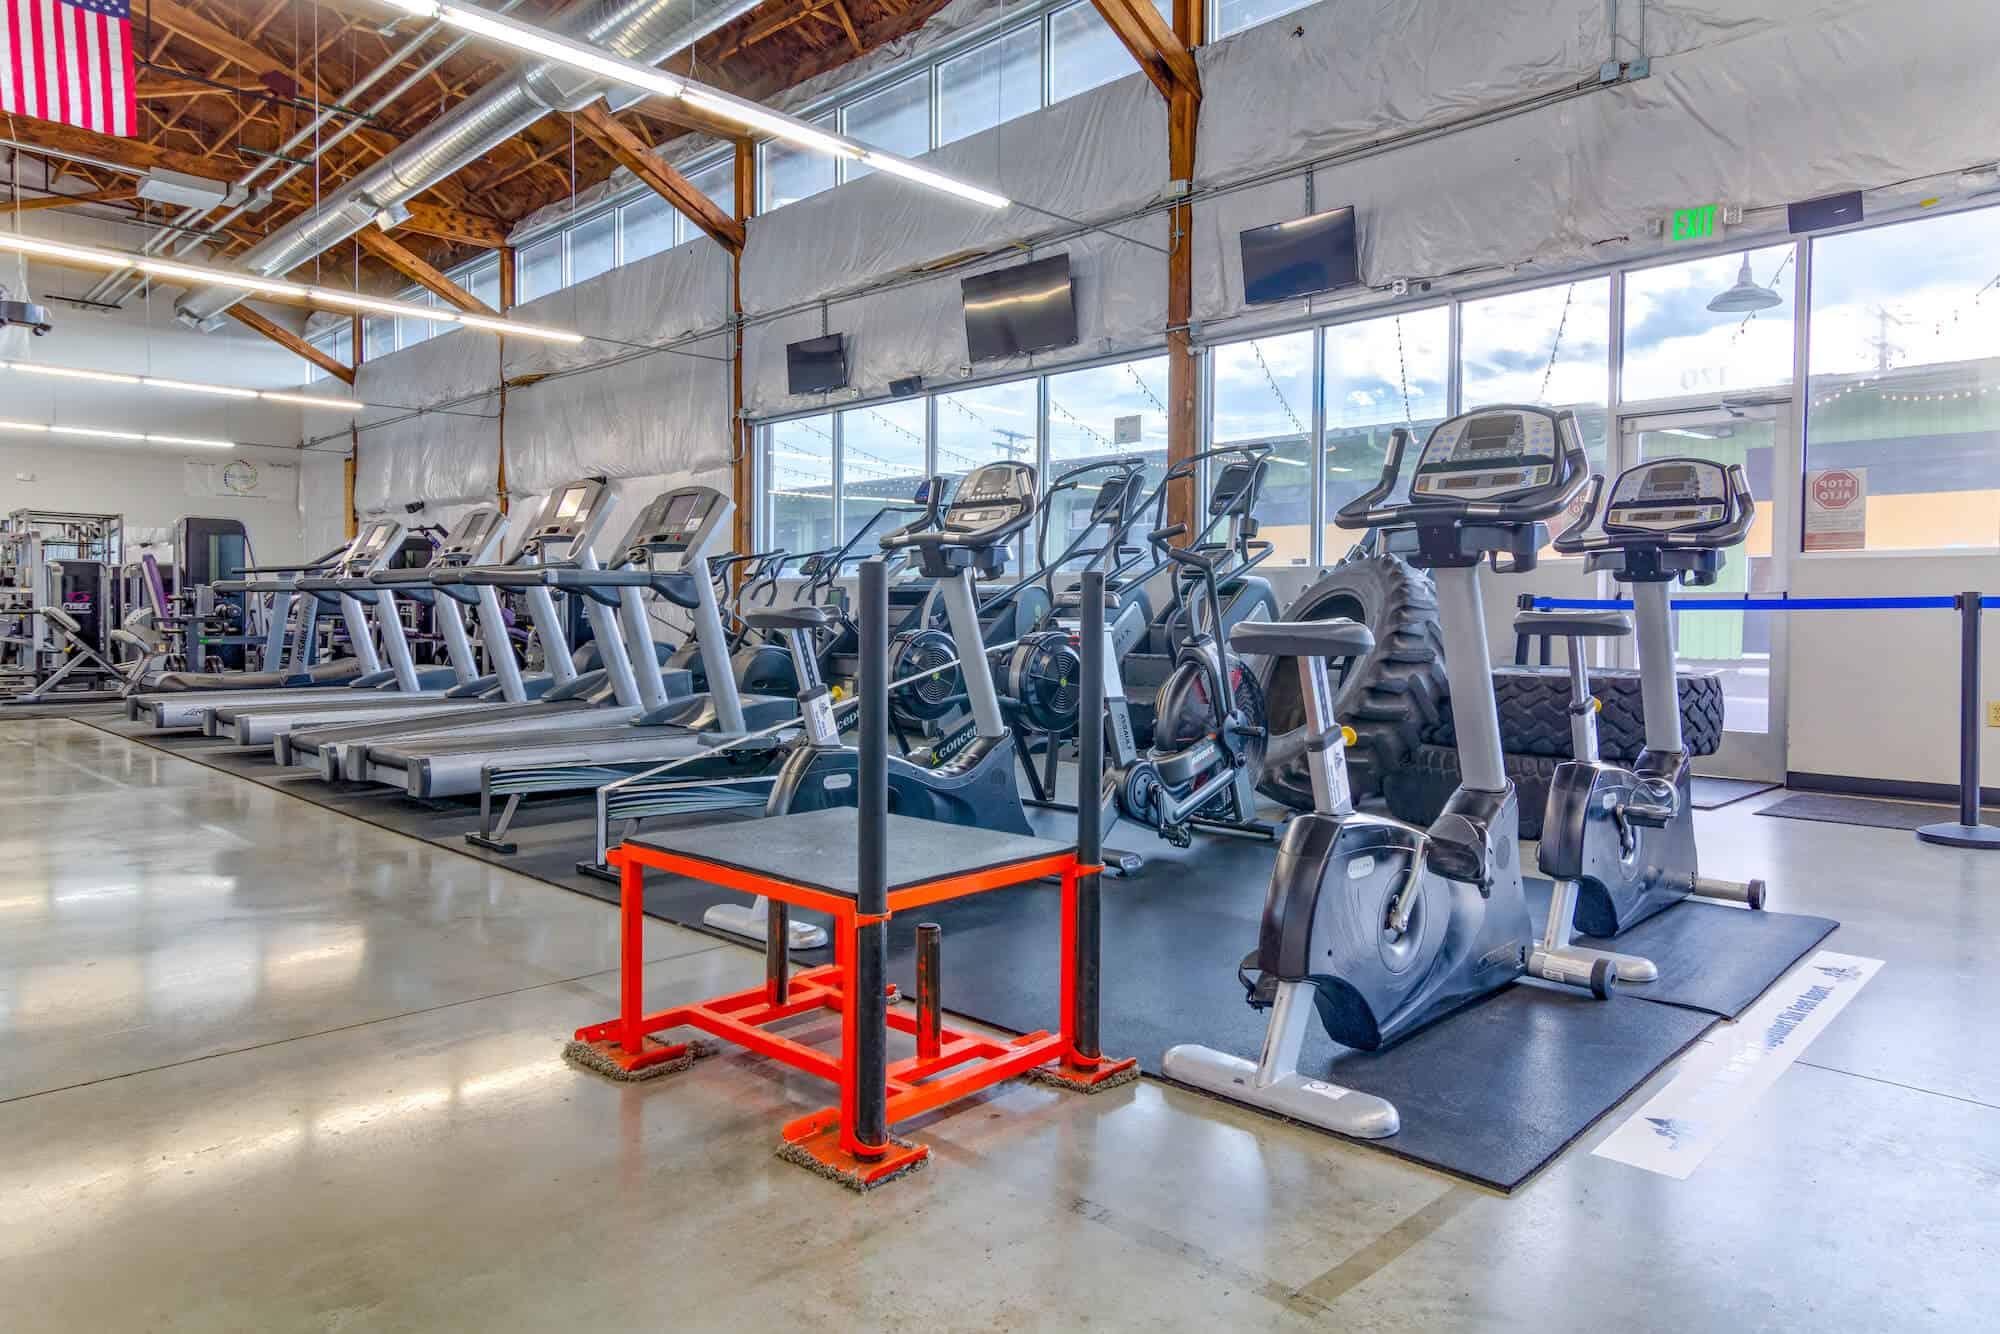 Rocky Mountain Flex Fitness_007